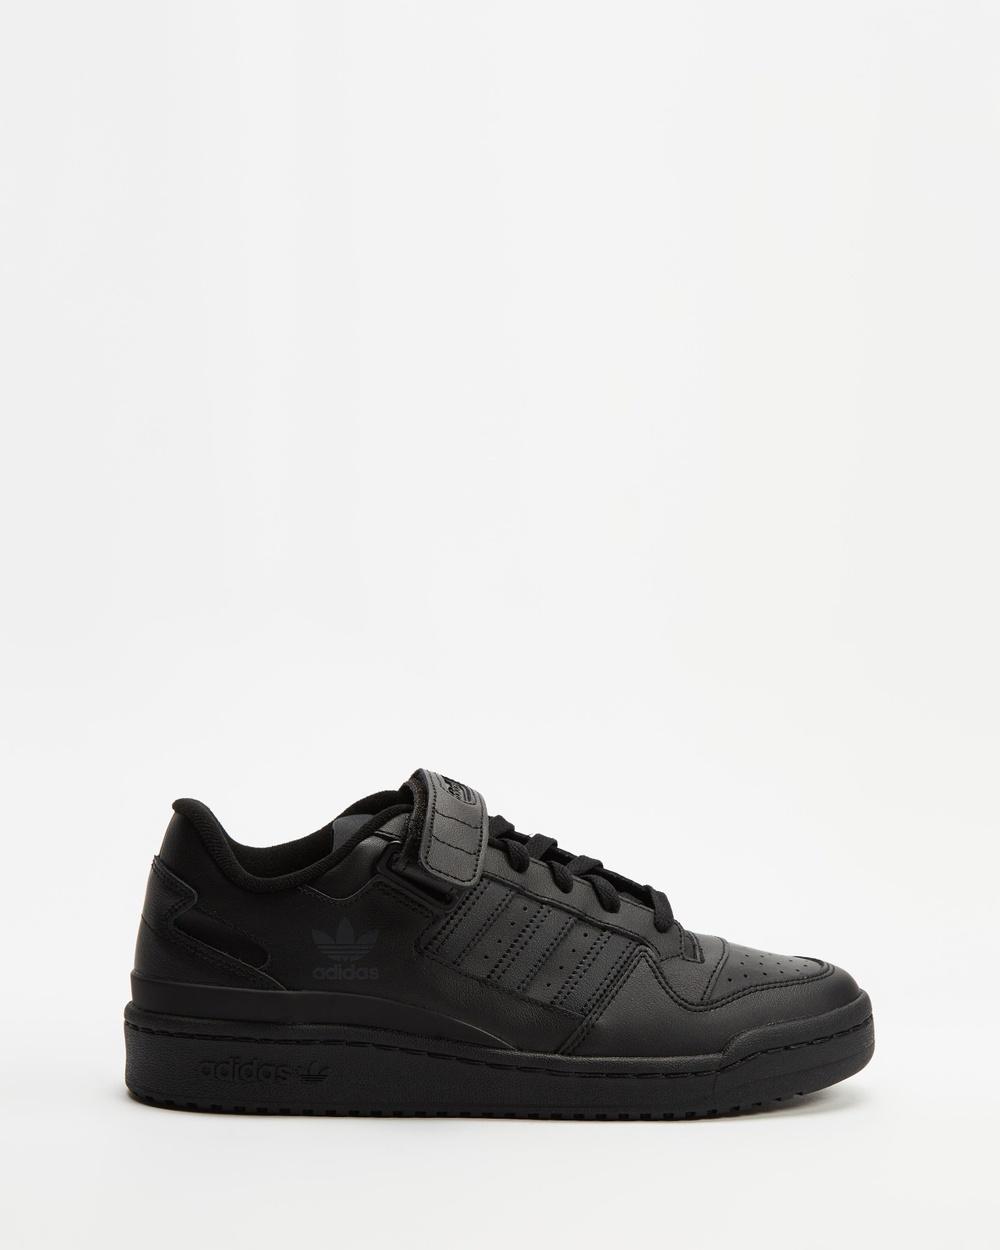 adidas Originals Forum Low Unisex Lifestyle Sneakers Black